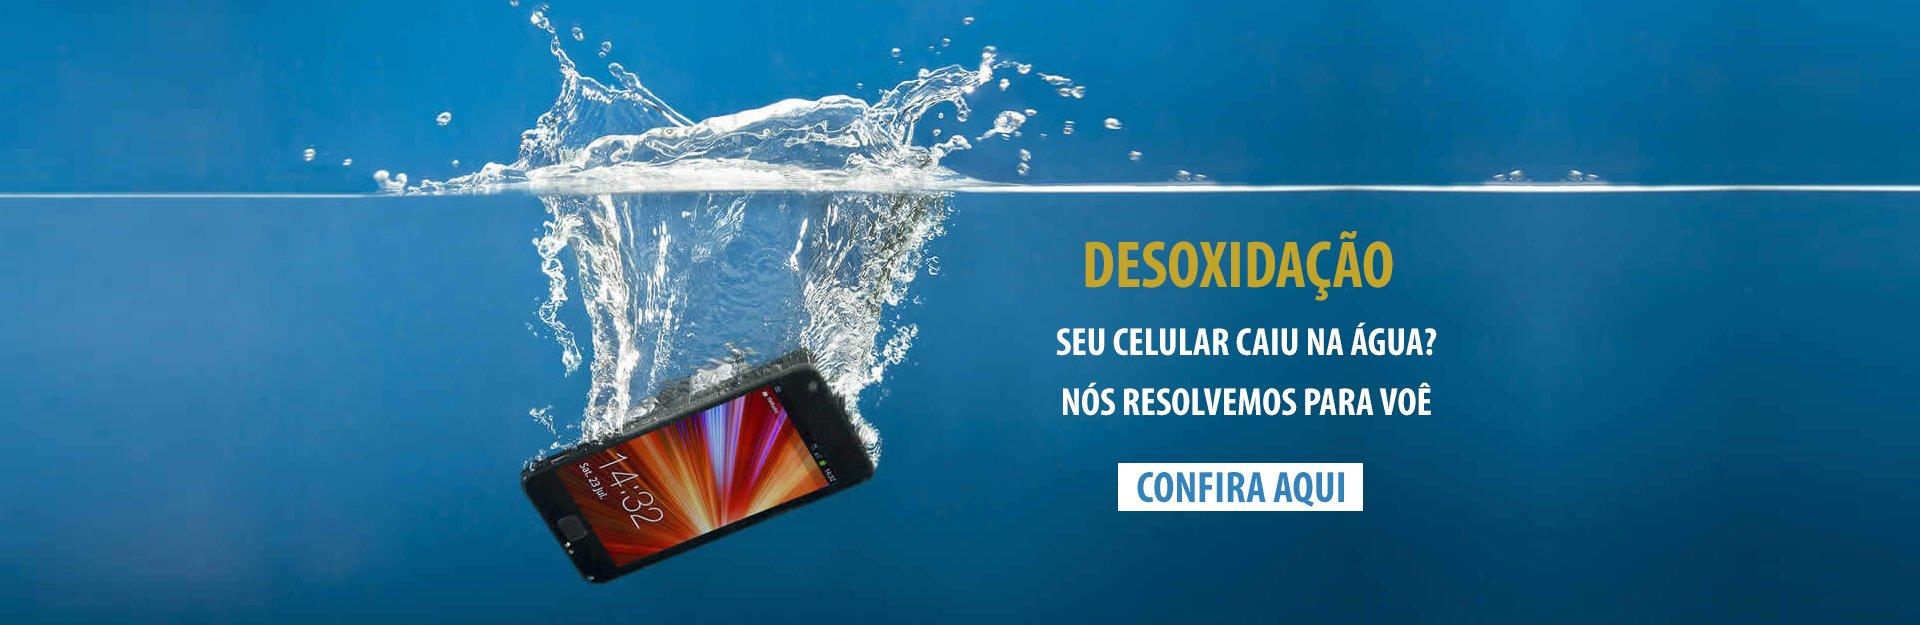 desoxida_C3_A7_C3_A3o-de-celulares